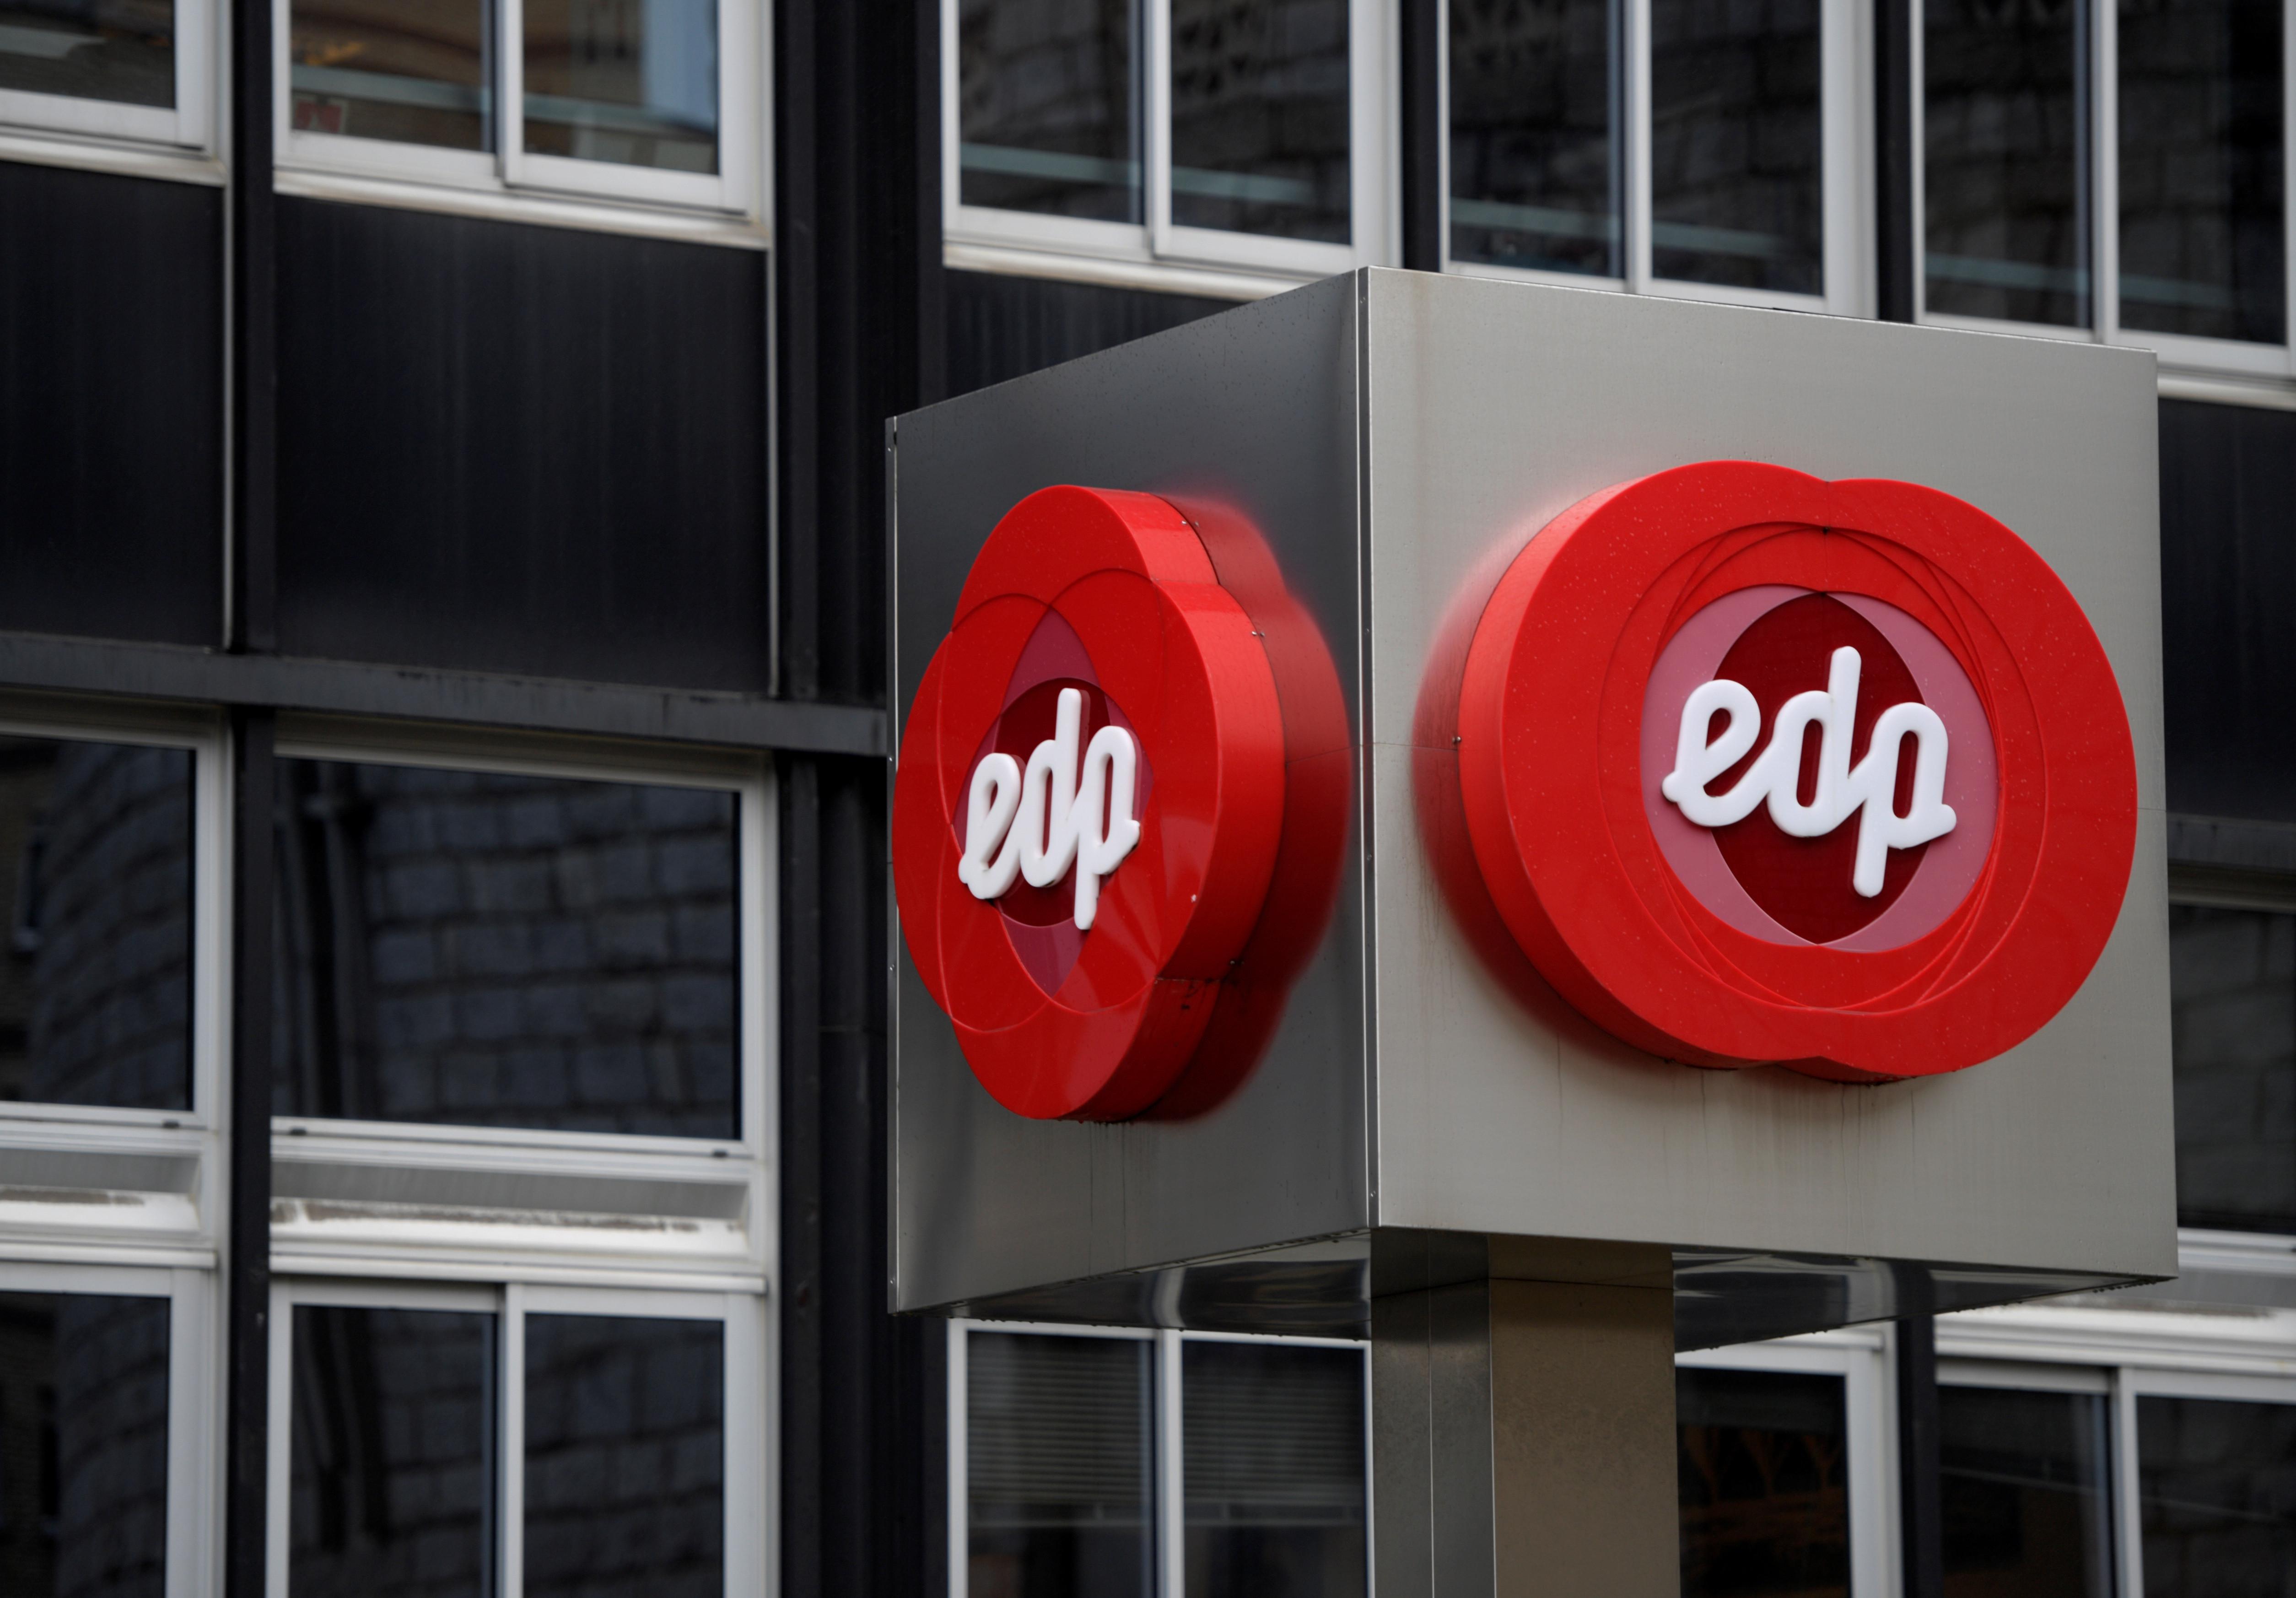 Câmara de Marvão responsabiliza EDP por fogo. Empresa rejeita culpas